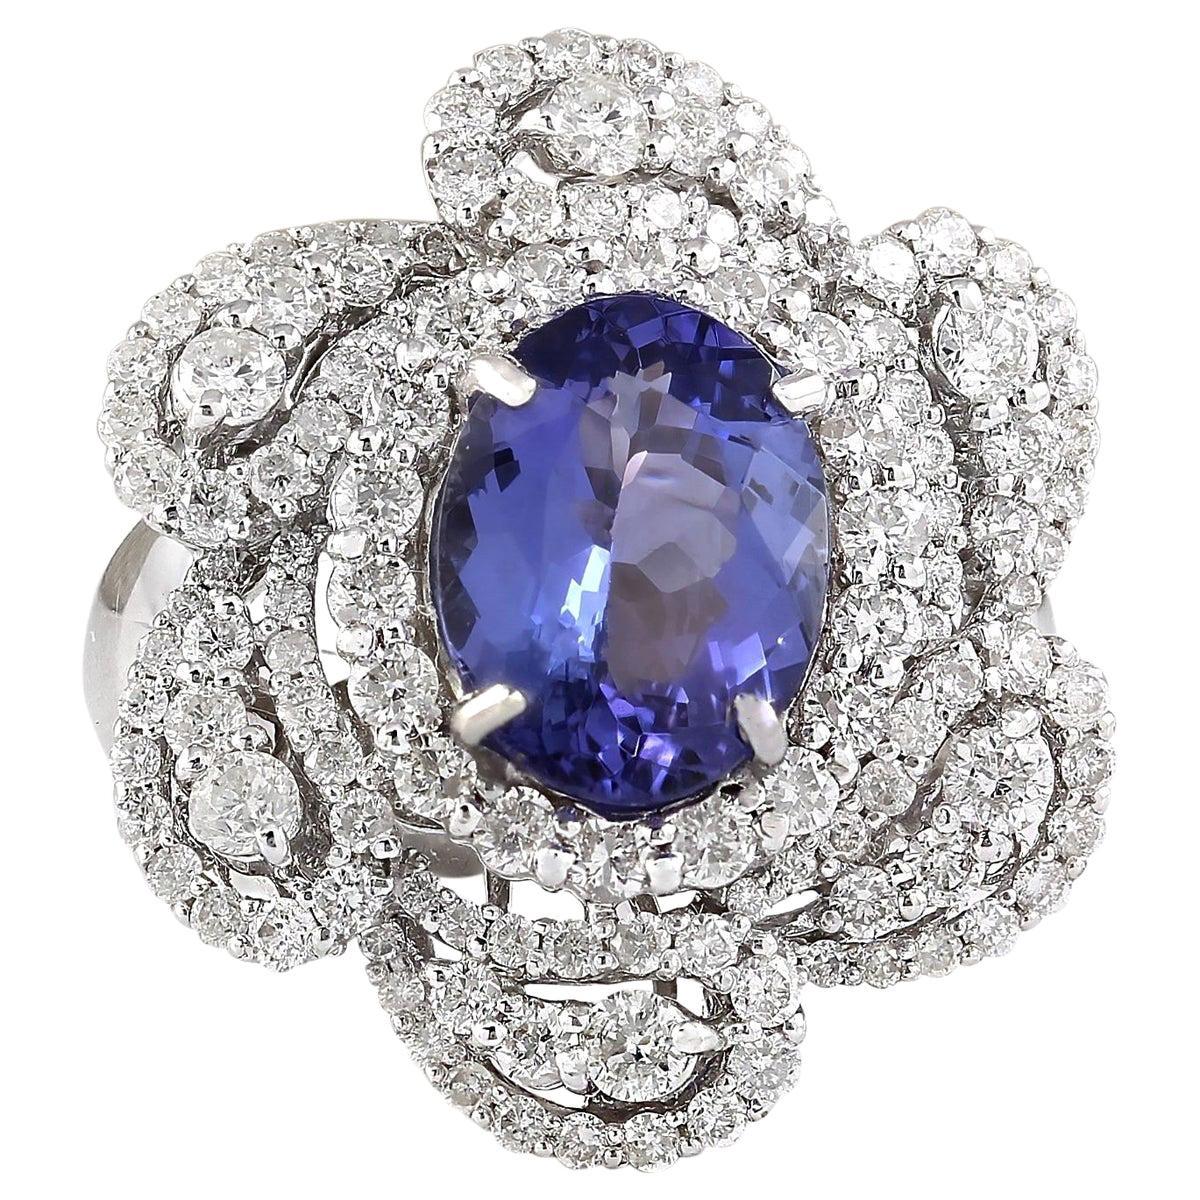 5.11 Carat Tanzanite 18 Karat White Gold Diamond Ring